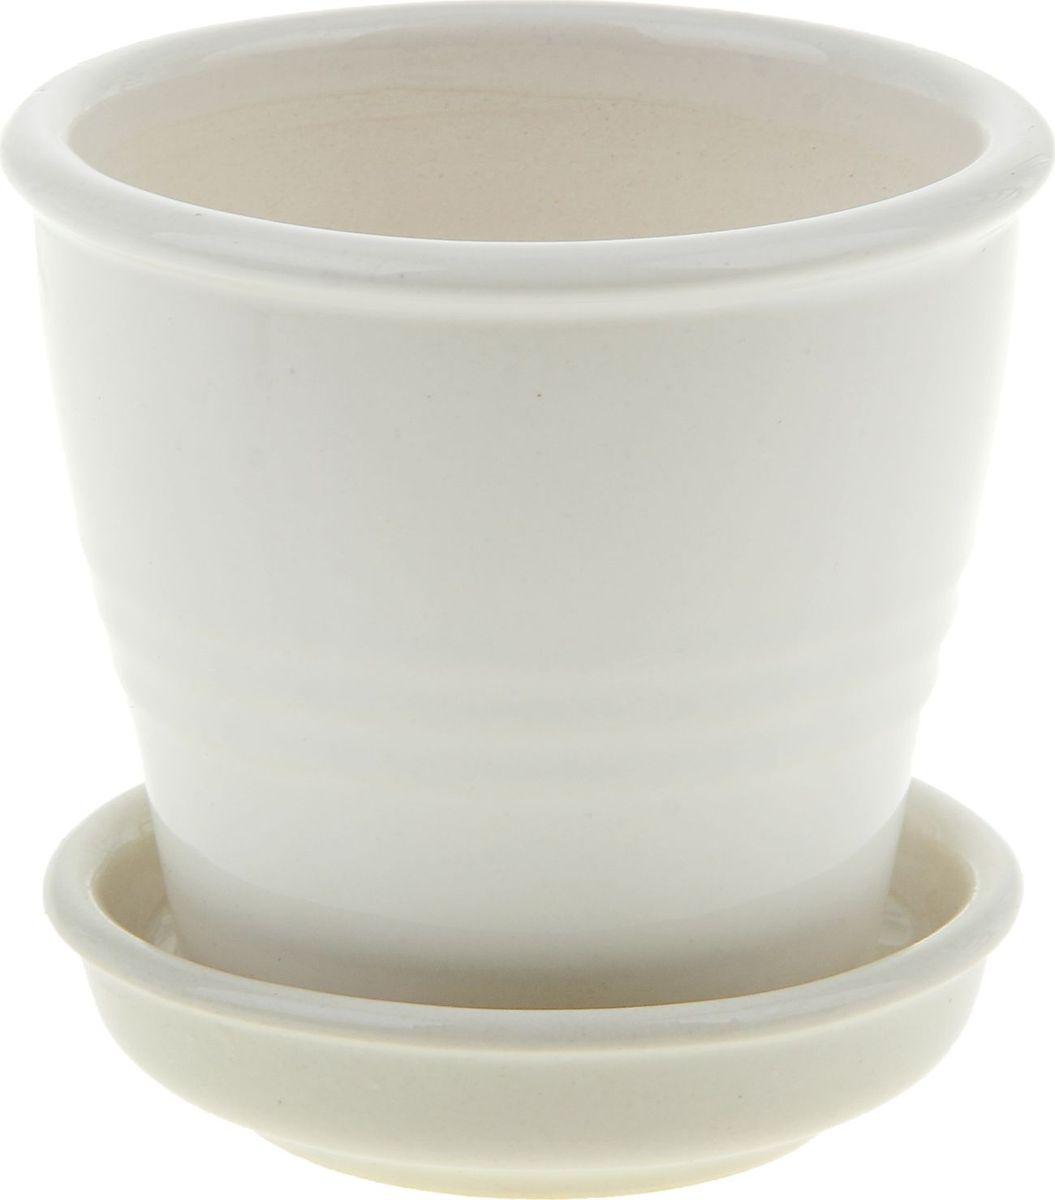 Кашпо Керамика ручной работы Ведро, цвет: белый, 230 мл835545Комнатные растения — всеобщие любимцы. Они радуют глаз, насыщают помещение кислородом и украшают пространство. Каждому из них необходим свой удобный и красивый дом. Кашпо из керамики прекрасно подходят для высадки растений: за счет пластичности глины и разных способов обработки существует великое множество форм и дизайнов пористый материал позволяет испаряться лишней влаге воздух, необходимый для дыхания корней, проникает сквозь керамические стенки! позаботится о зеленом питомце, освежит интерьер и подчеркнет его стиль.